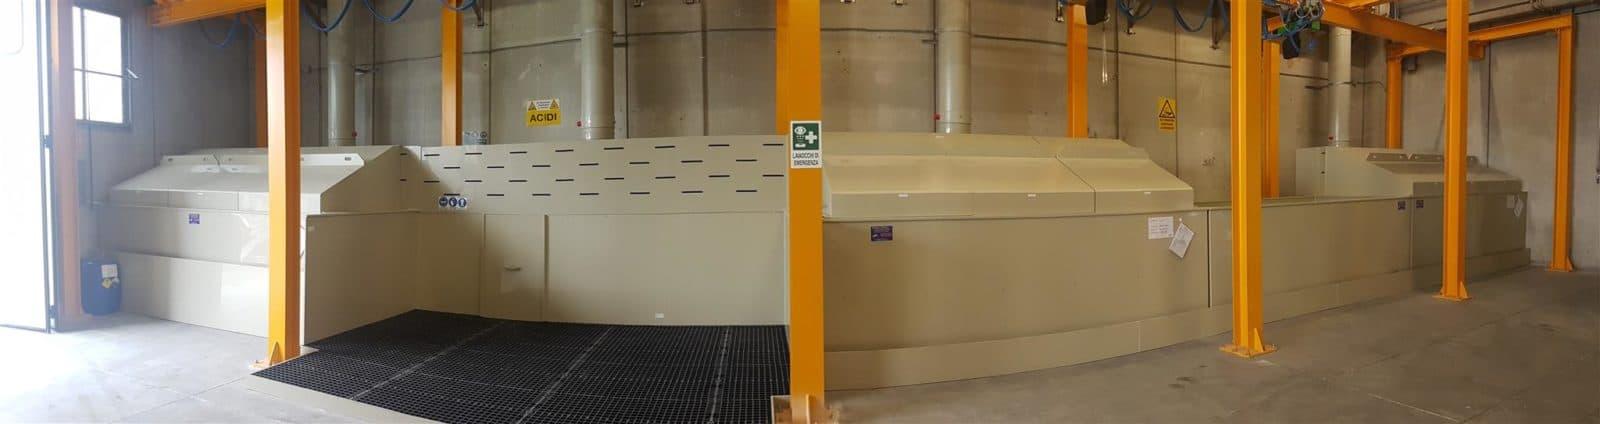 impianto decapaggio immersione inox